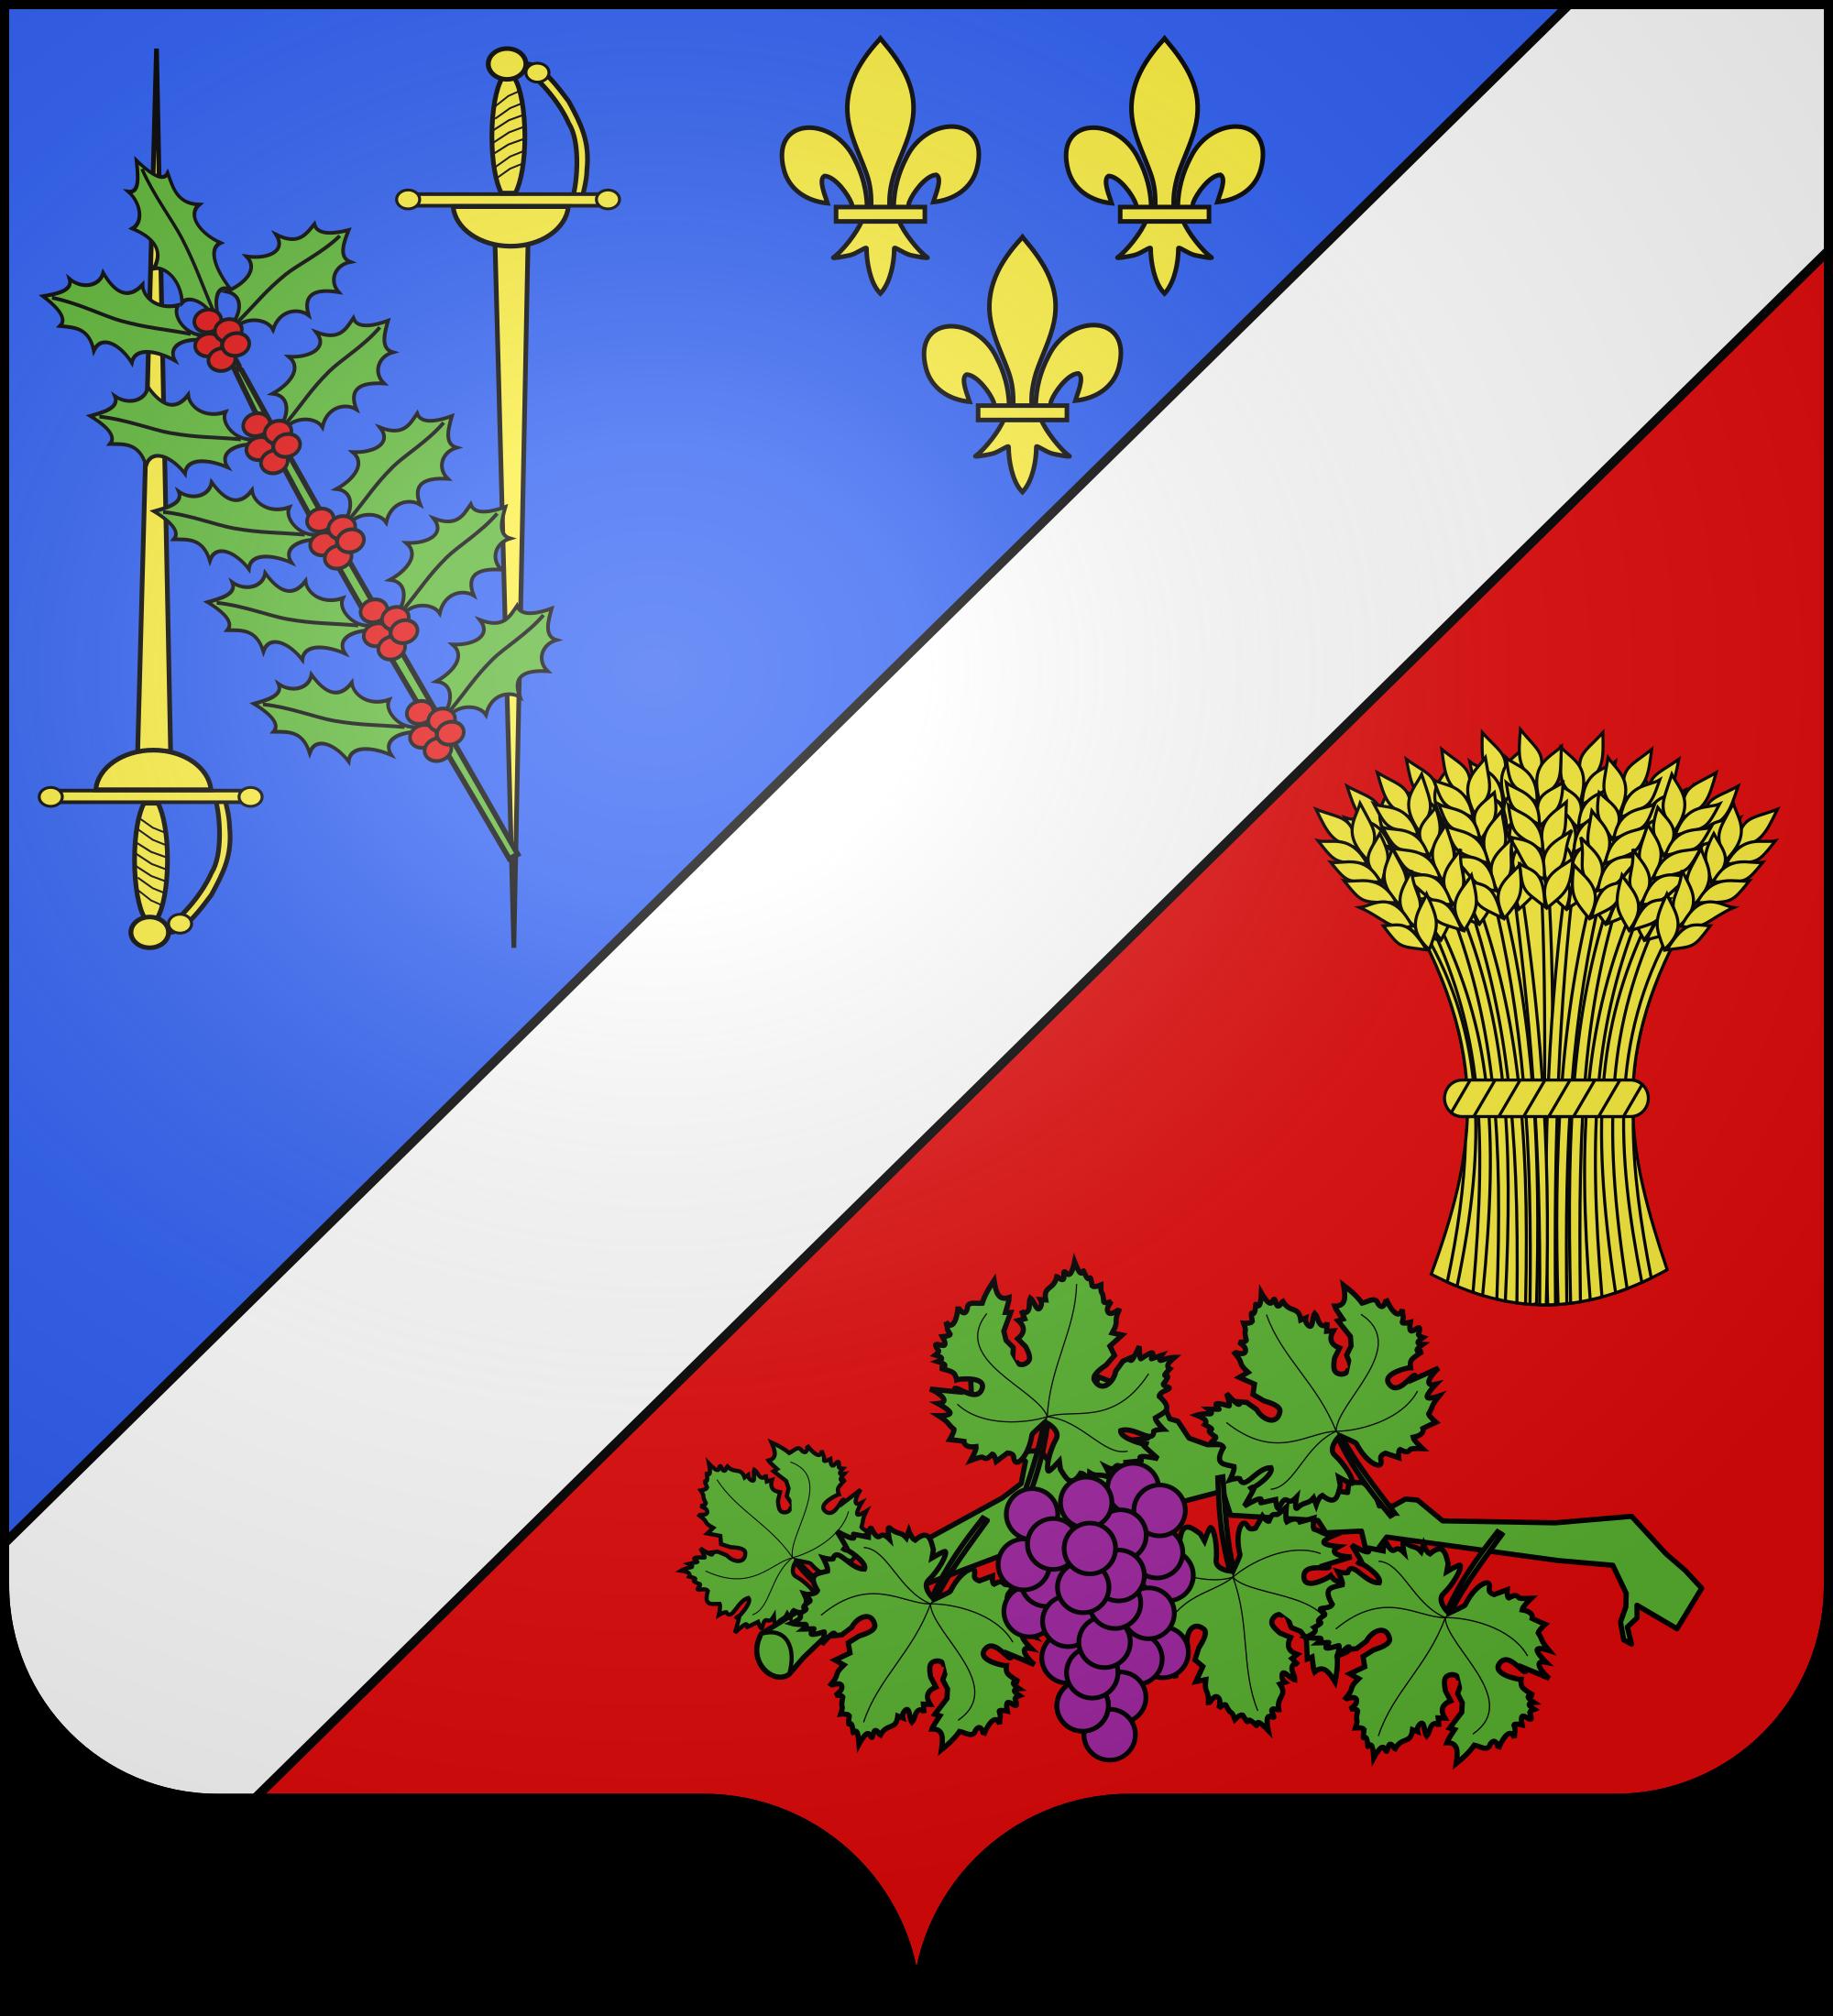 File:Blason de la ville de Nanteuil.